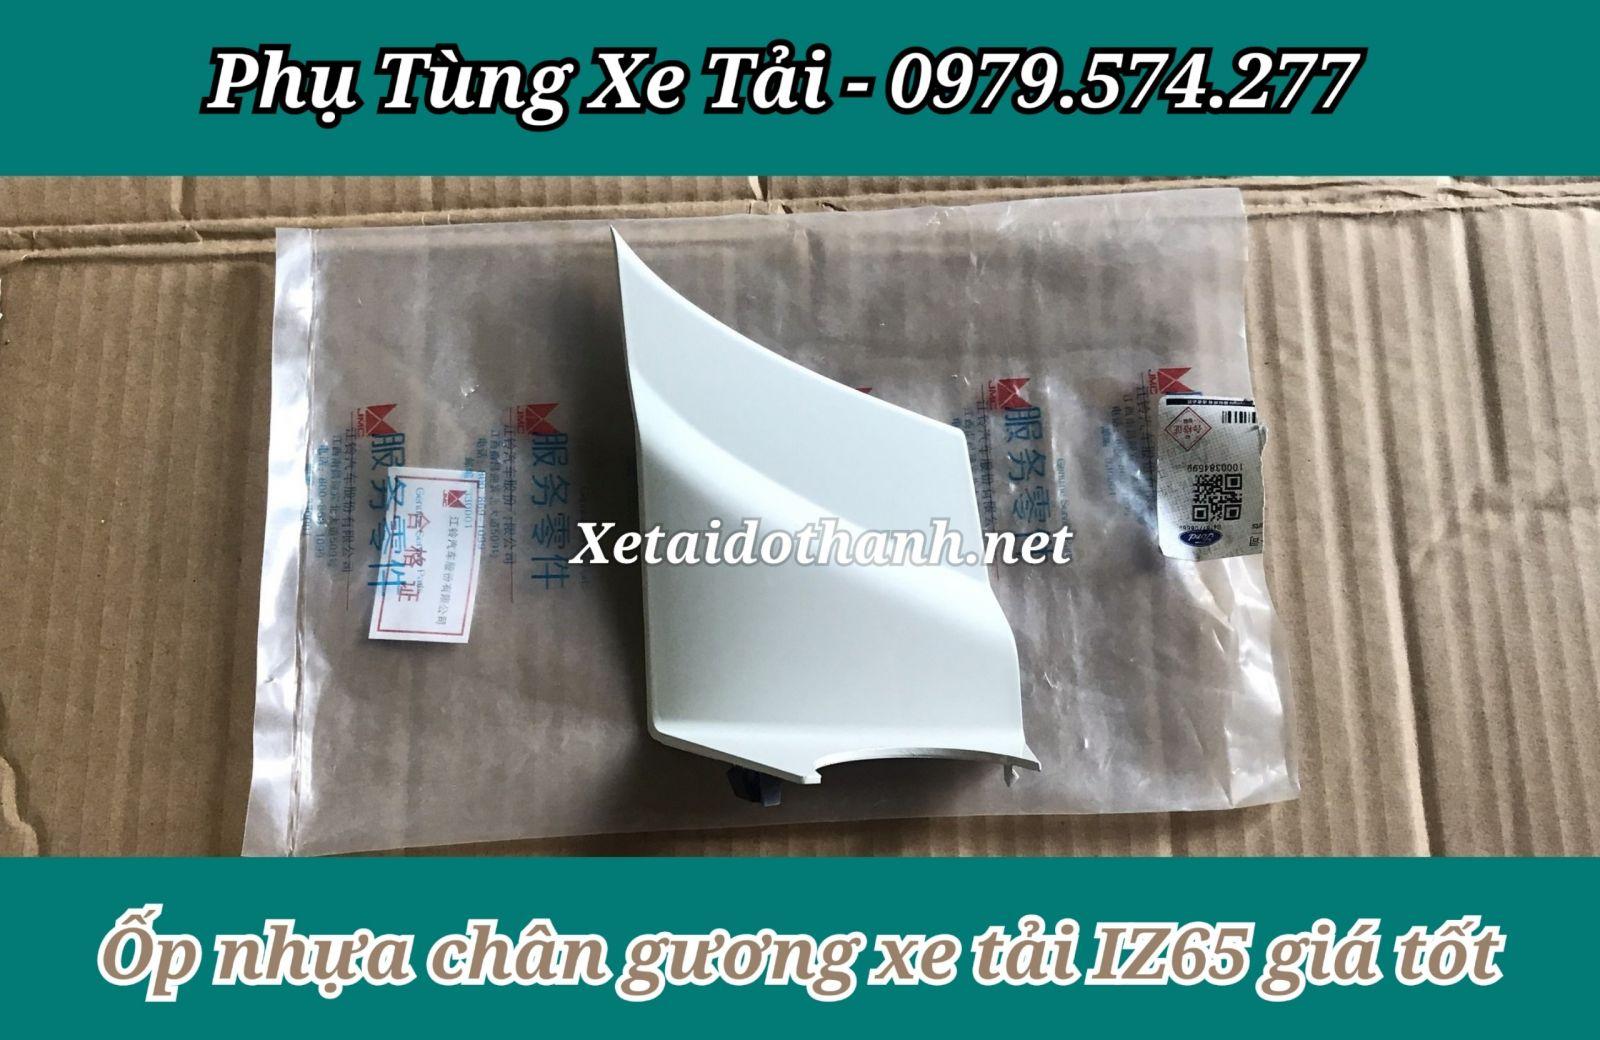 OP NHUA CHAN GUONG XE IZ65